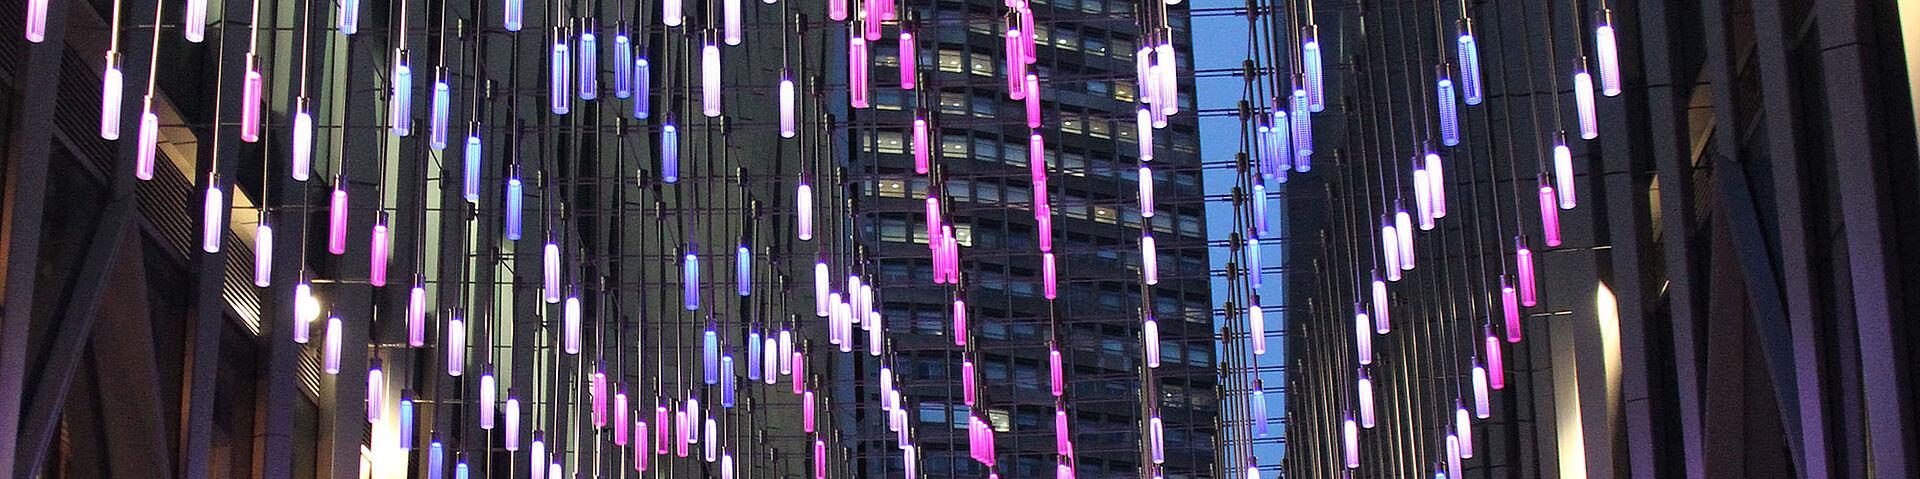 LED Lichtdesign Pendelleuchten Carl Stahl Architektur